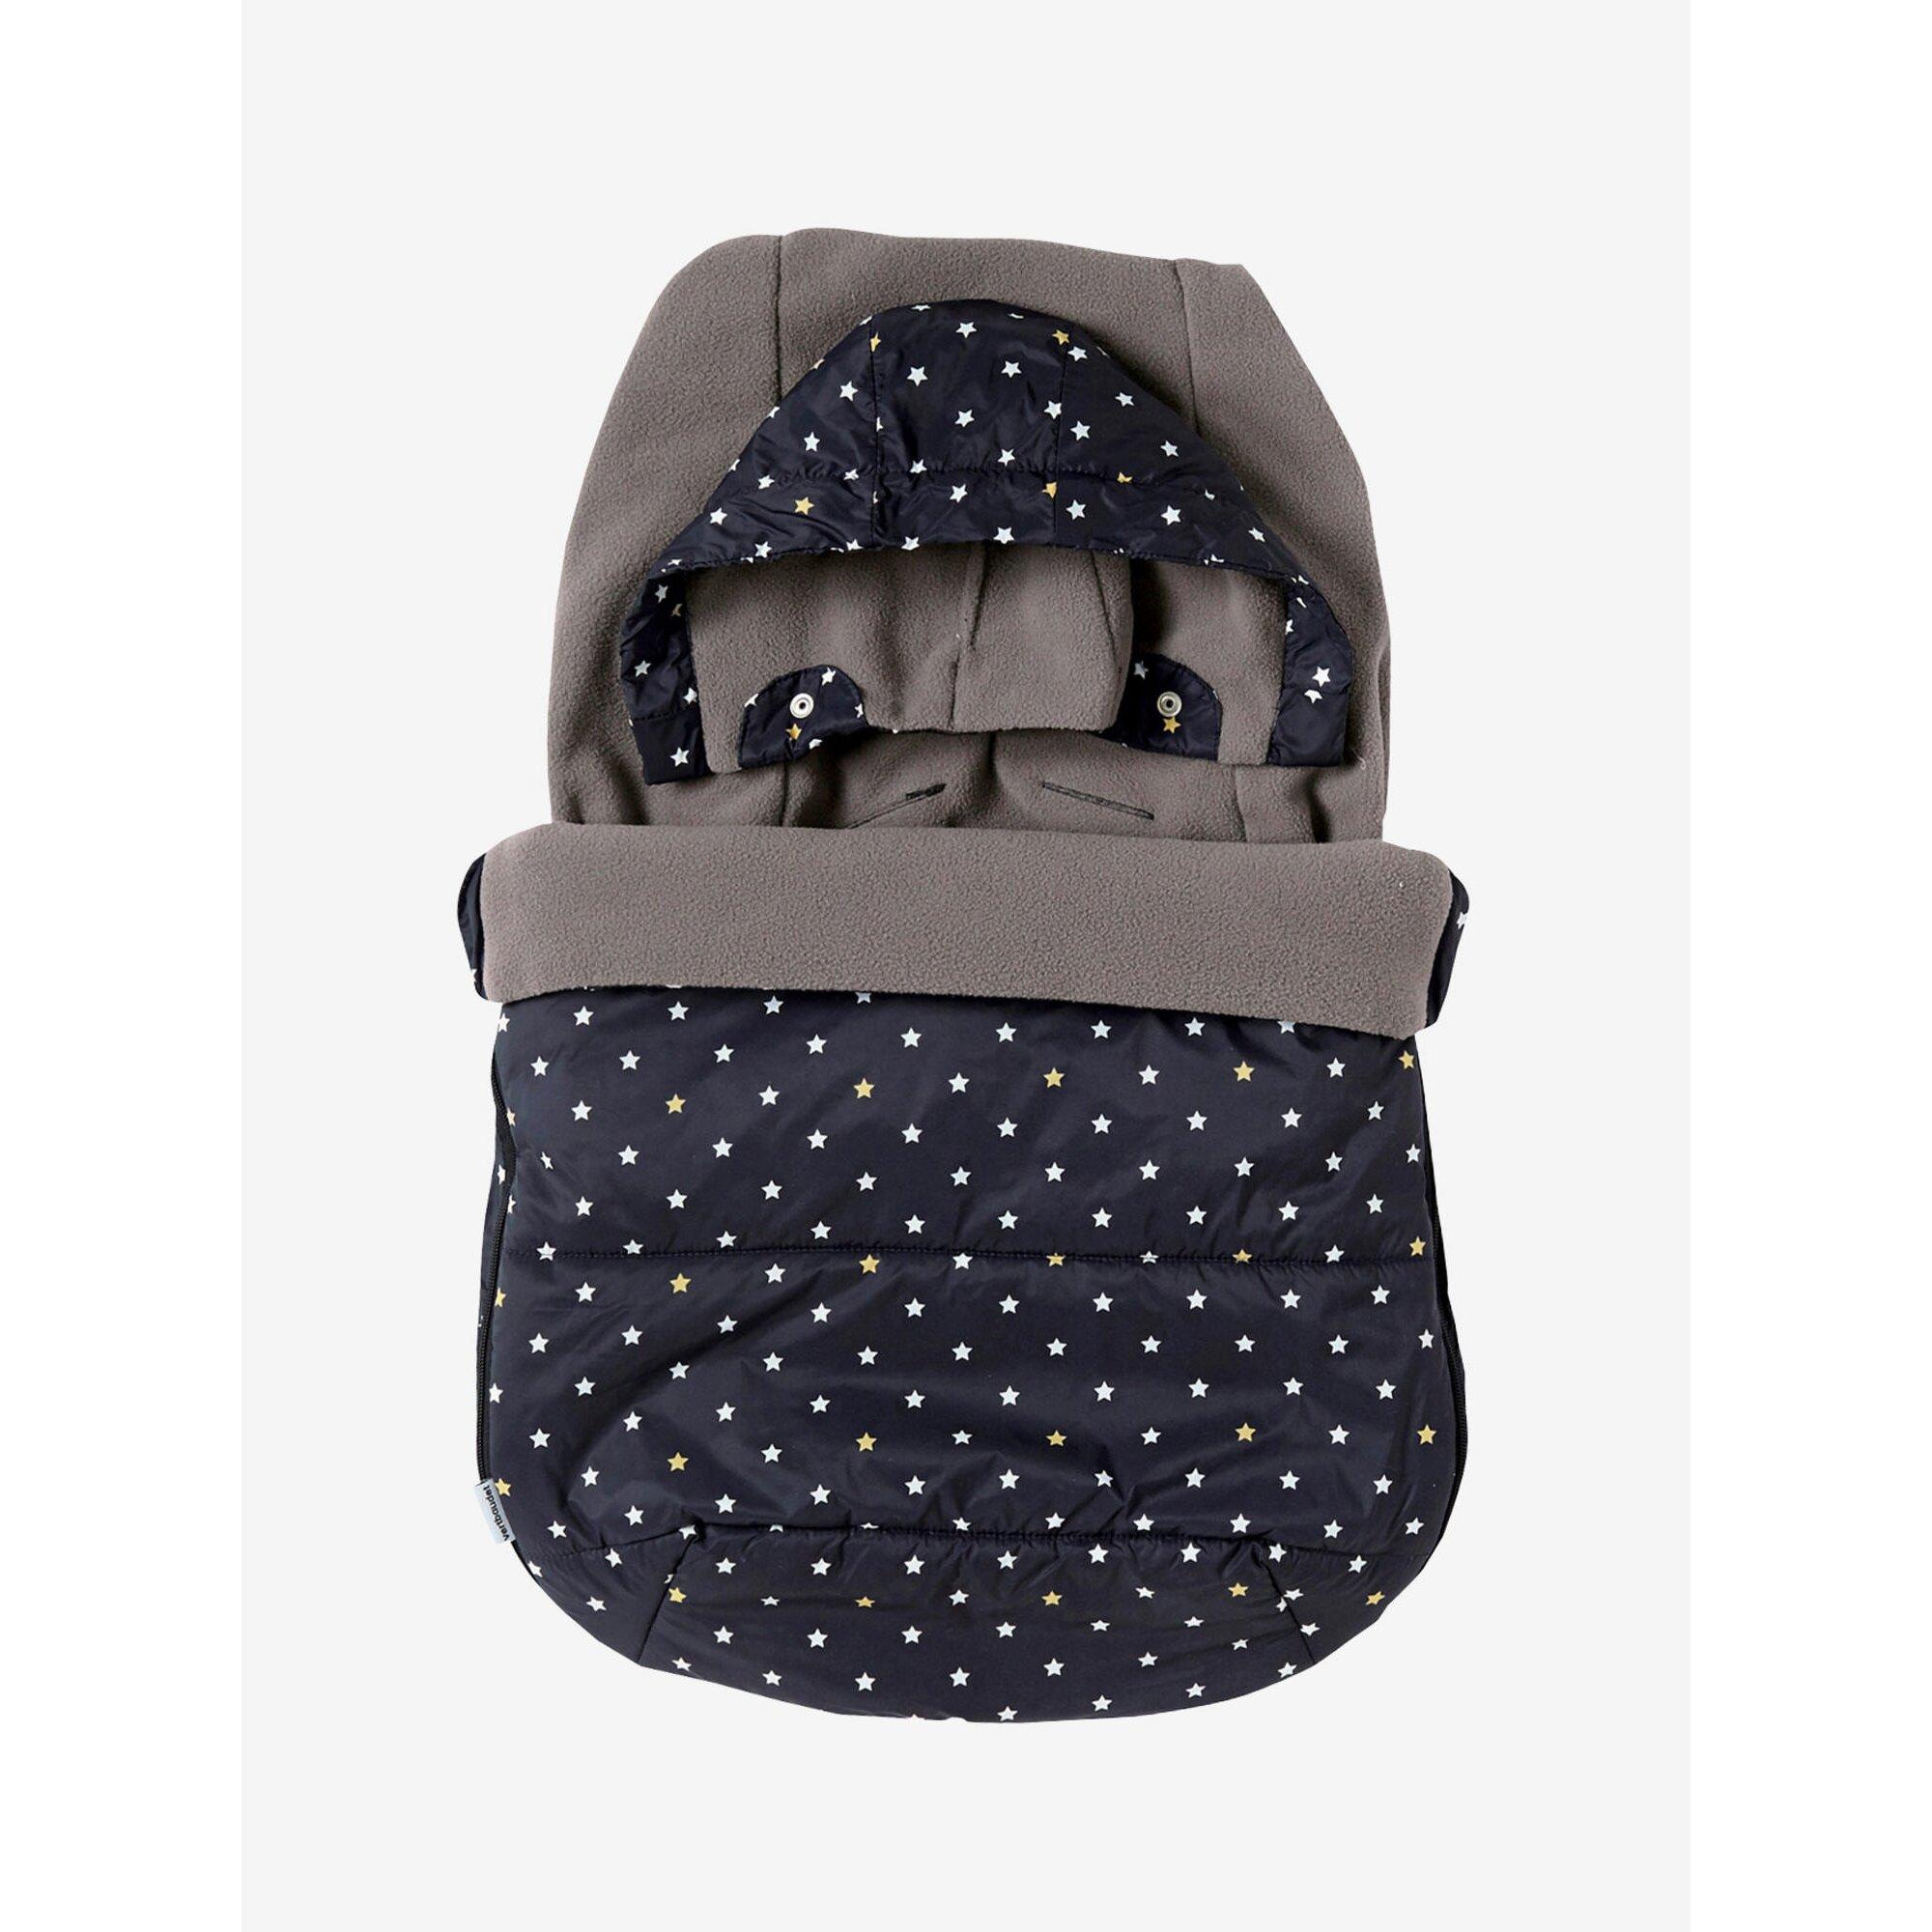 vertbaudet-warmer-fu-sack-fur-babyschalen-mit-sternen-schwarz